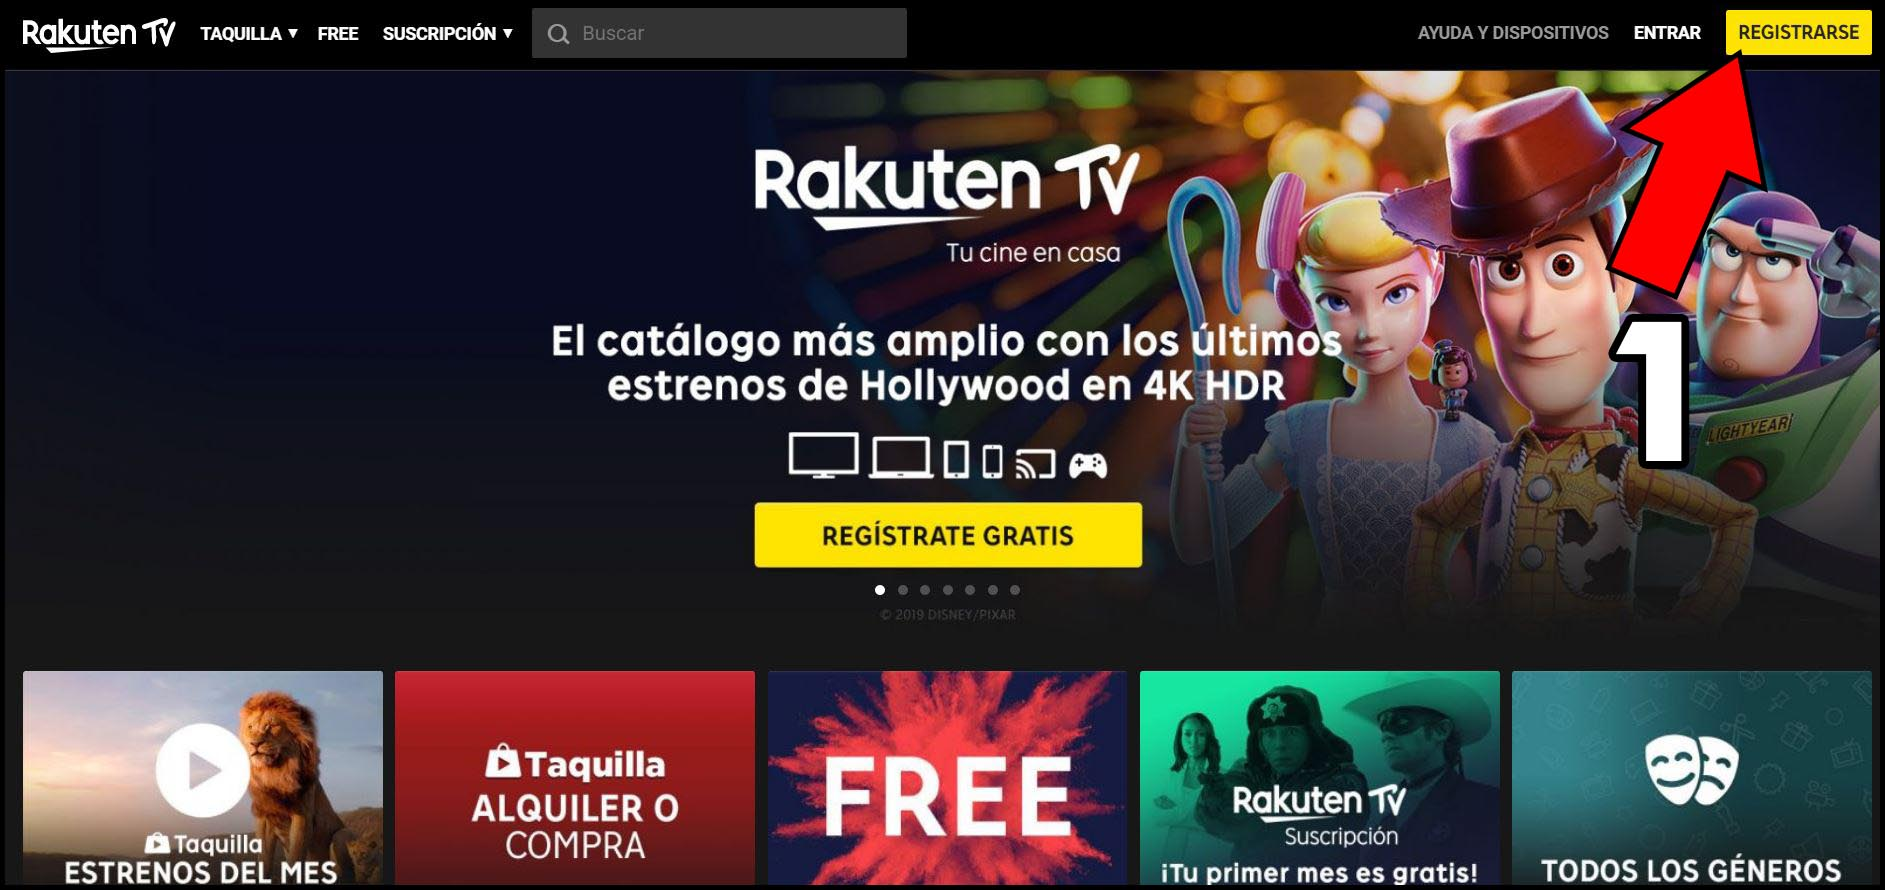 Peliculas Gratis Rakuten TV